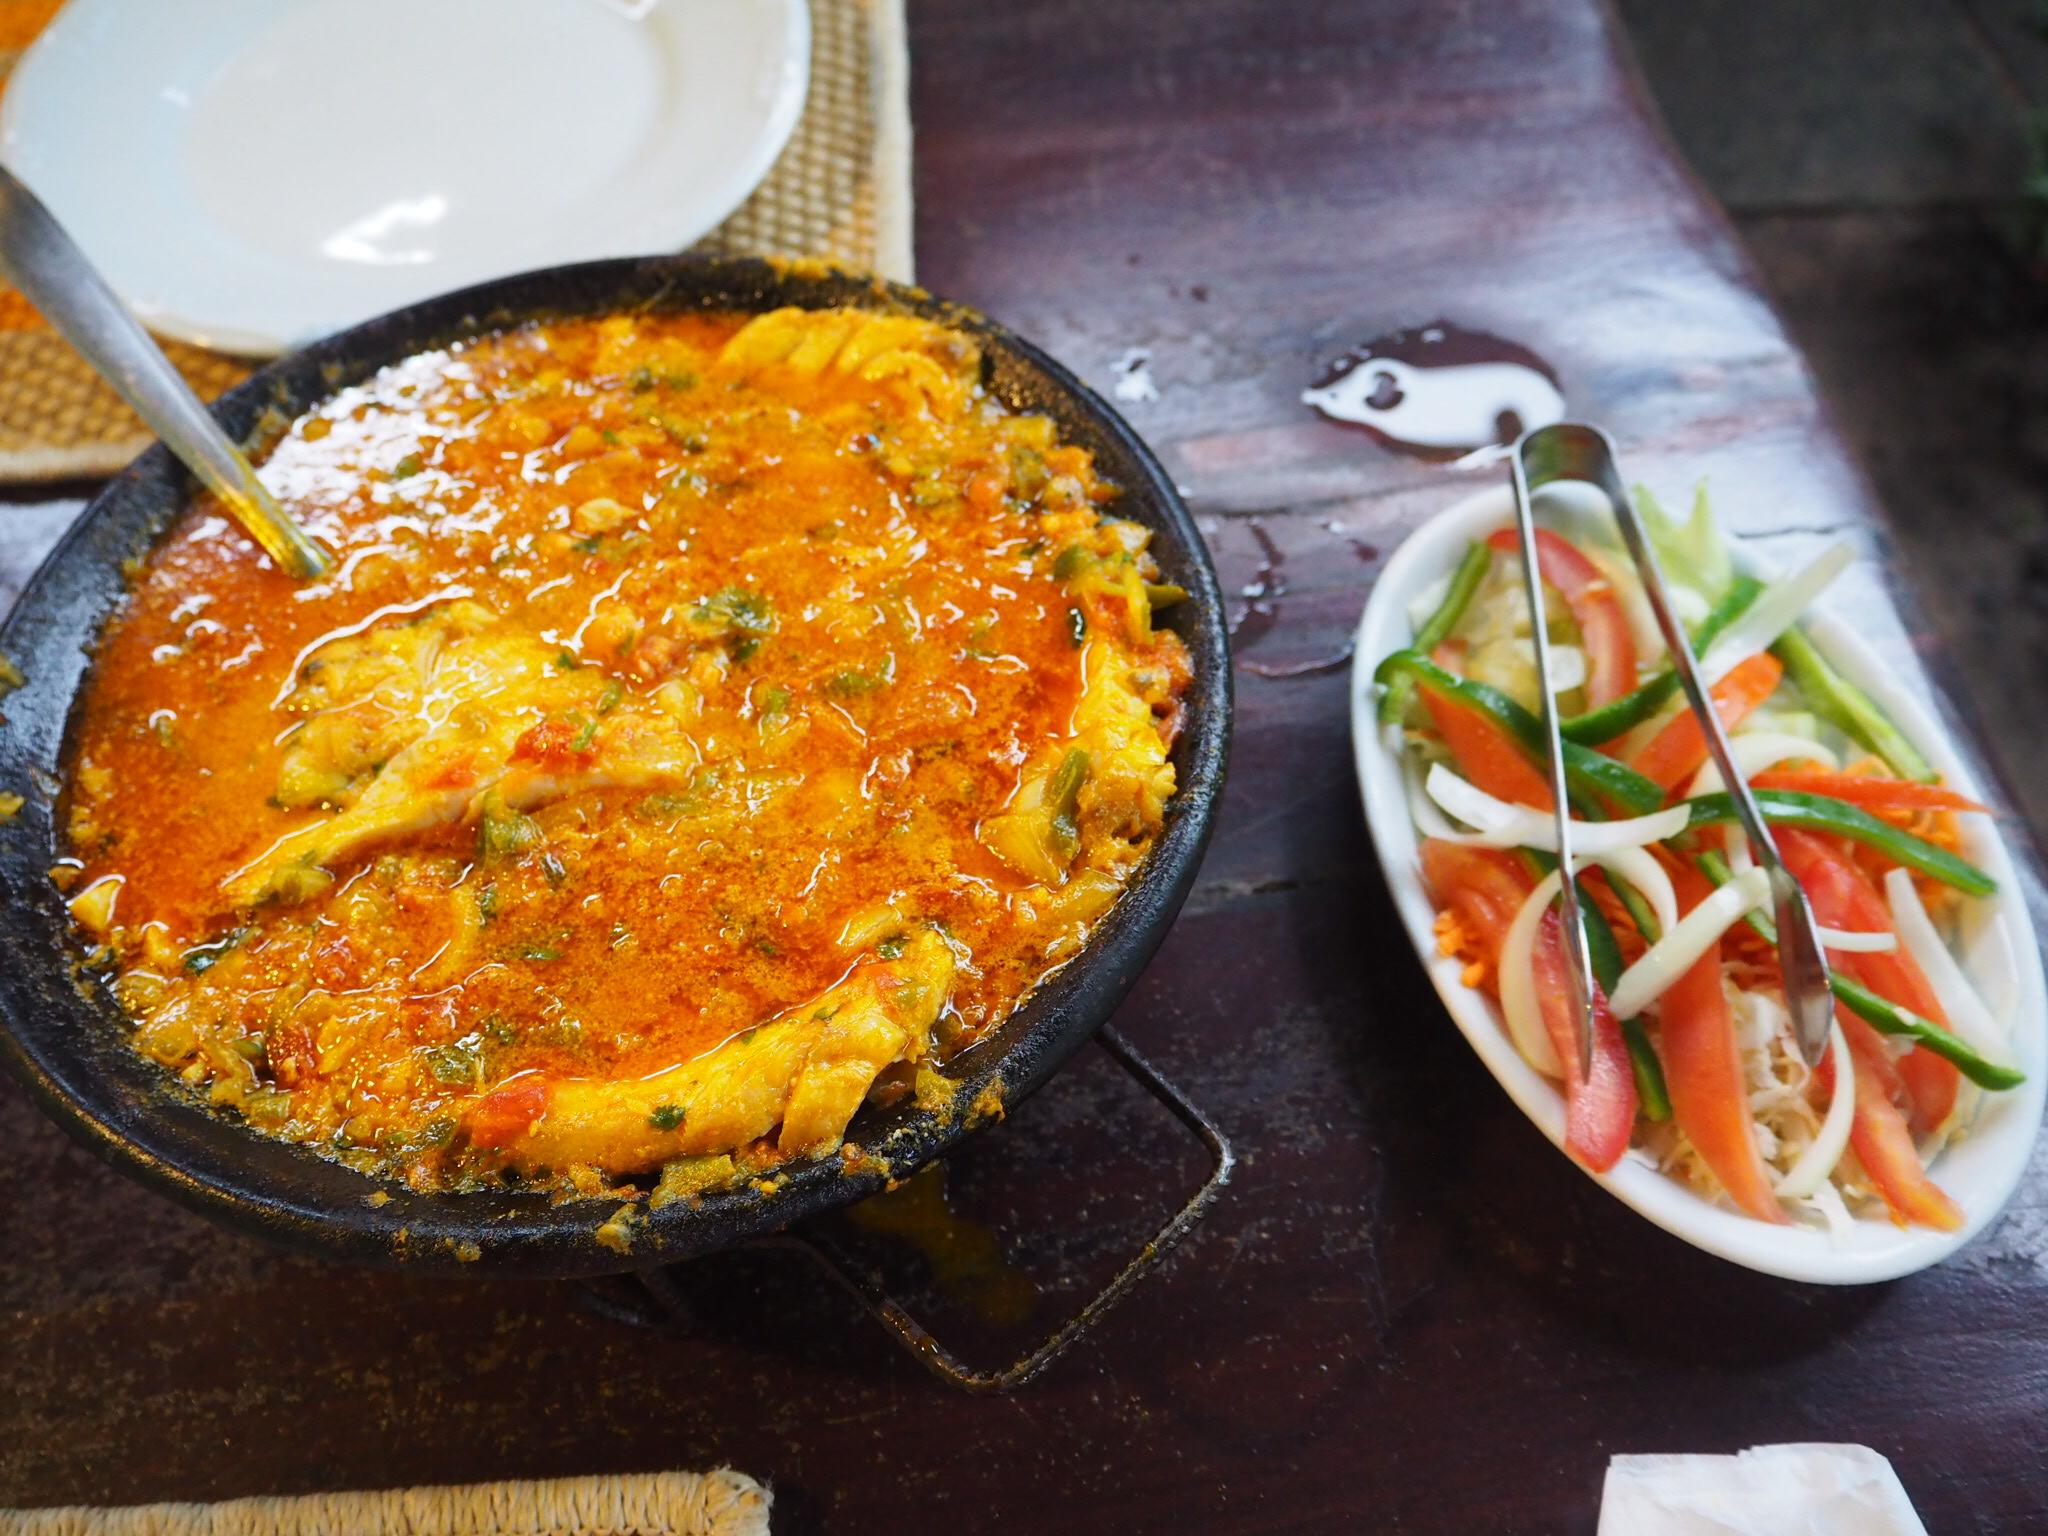 Restaurant A Tapera Barra Grande Brésil Etat de Bahia